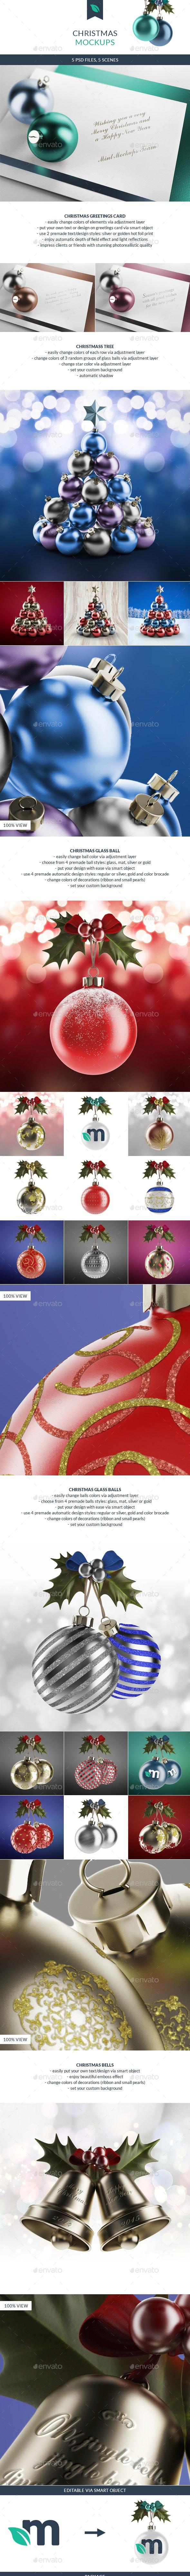 Christmas Ball and Greetings Mockups - Print Product Mock-Ups